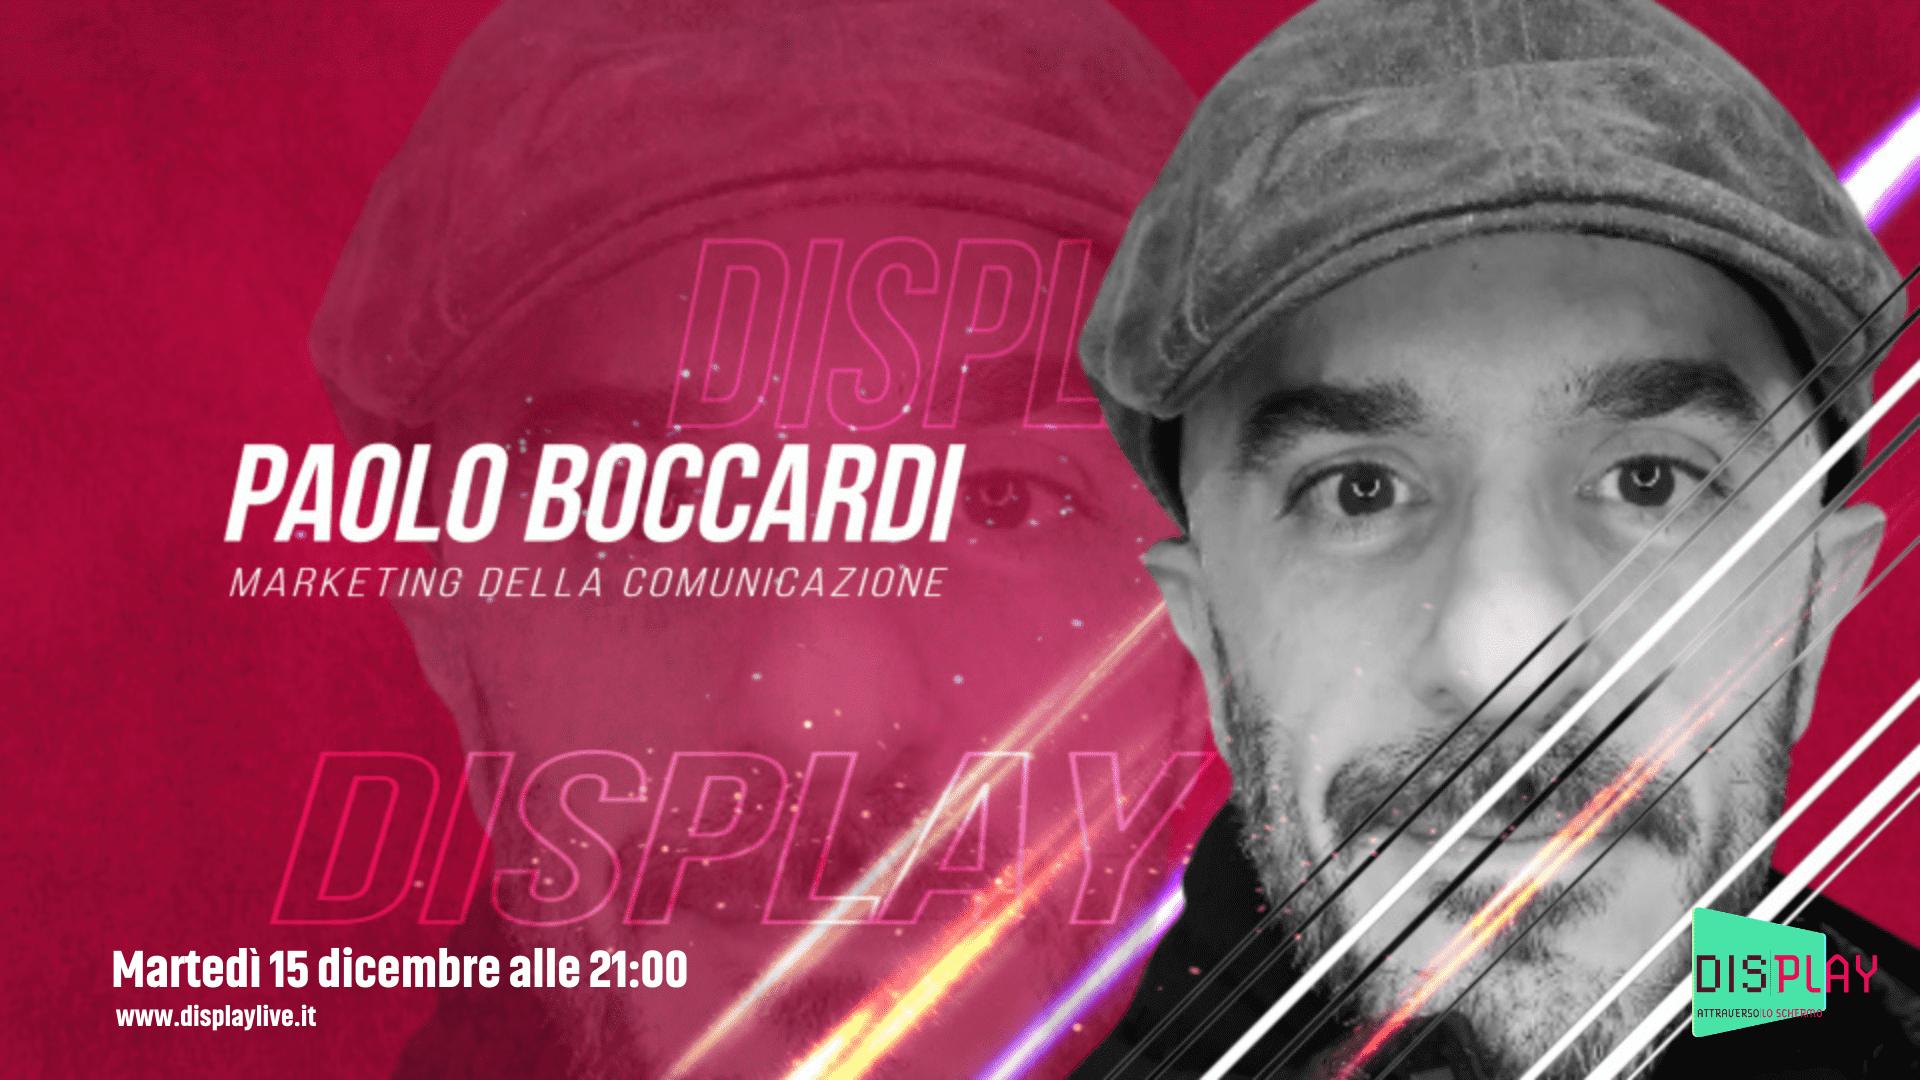 paolo-boccardi-display